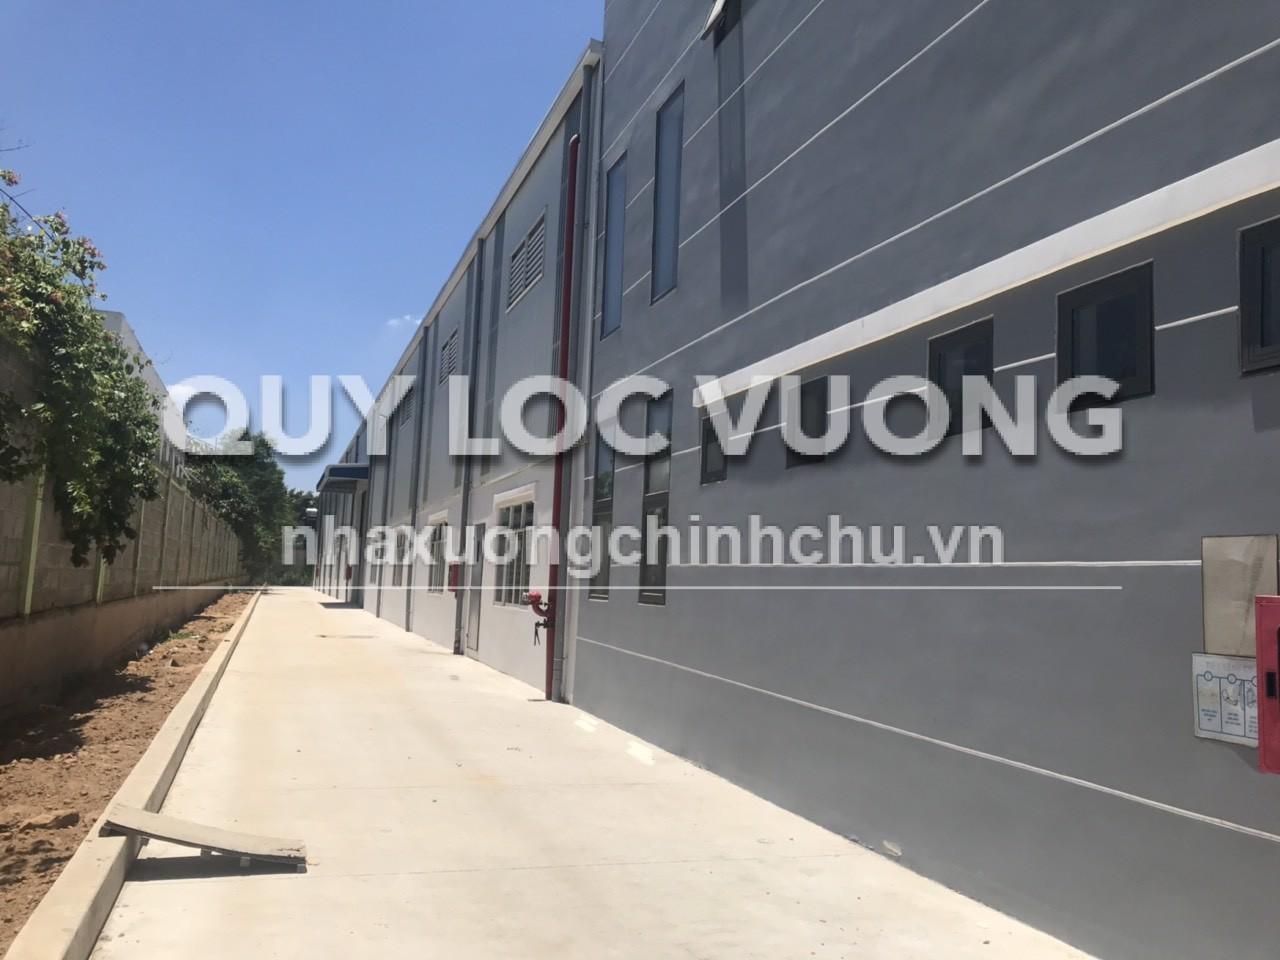 Cho thuê 3 nhà xưởng trong KCN Giang Điền Trảng Bom Đồng Nai giá rẻ